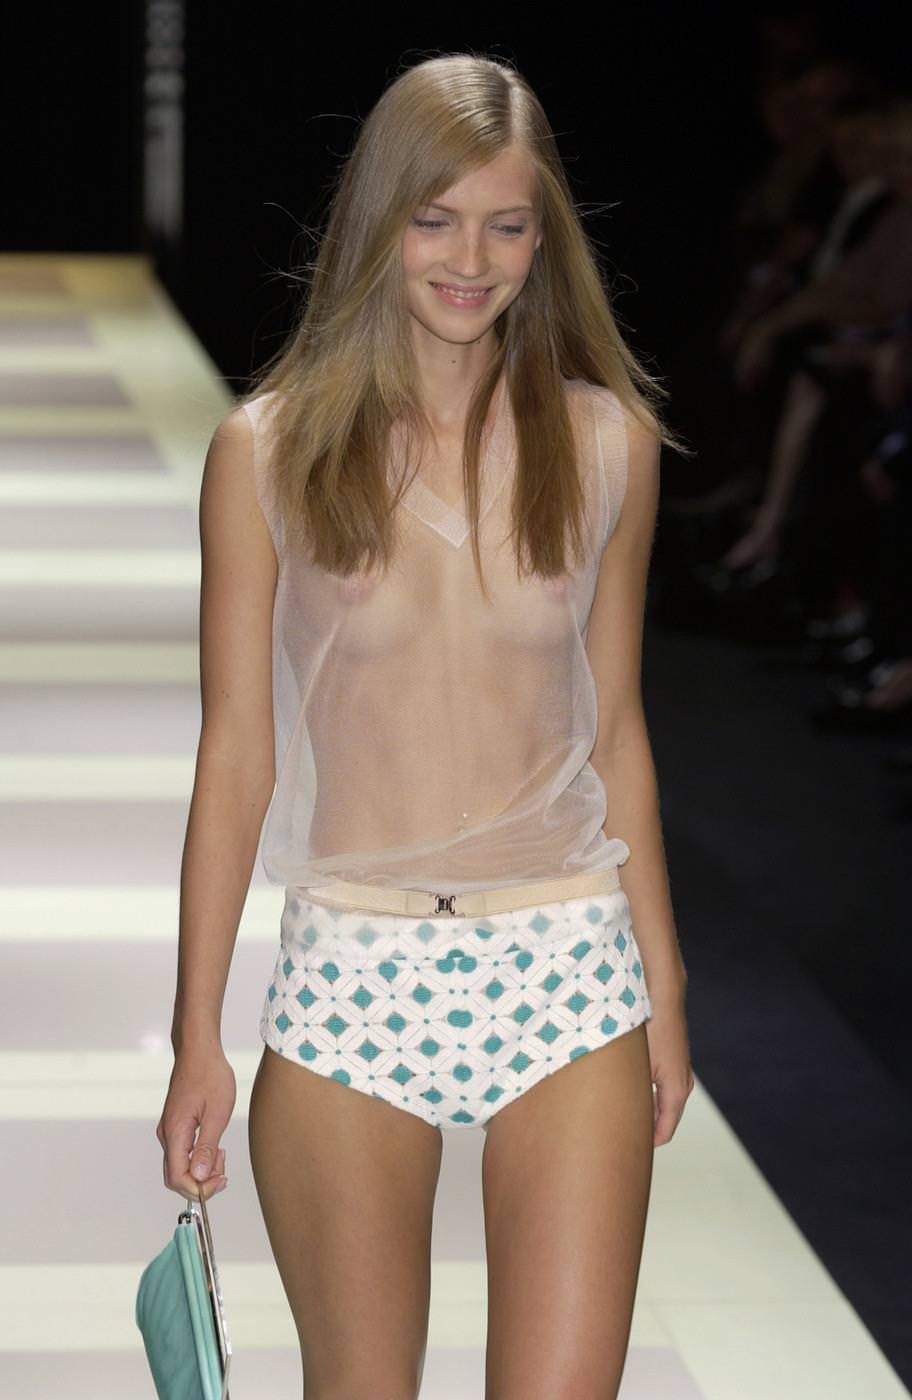 ファッションショーにおっぱい丸出しのモデル!!エロいwwwwwwww cp8edKZ